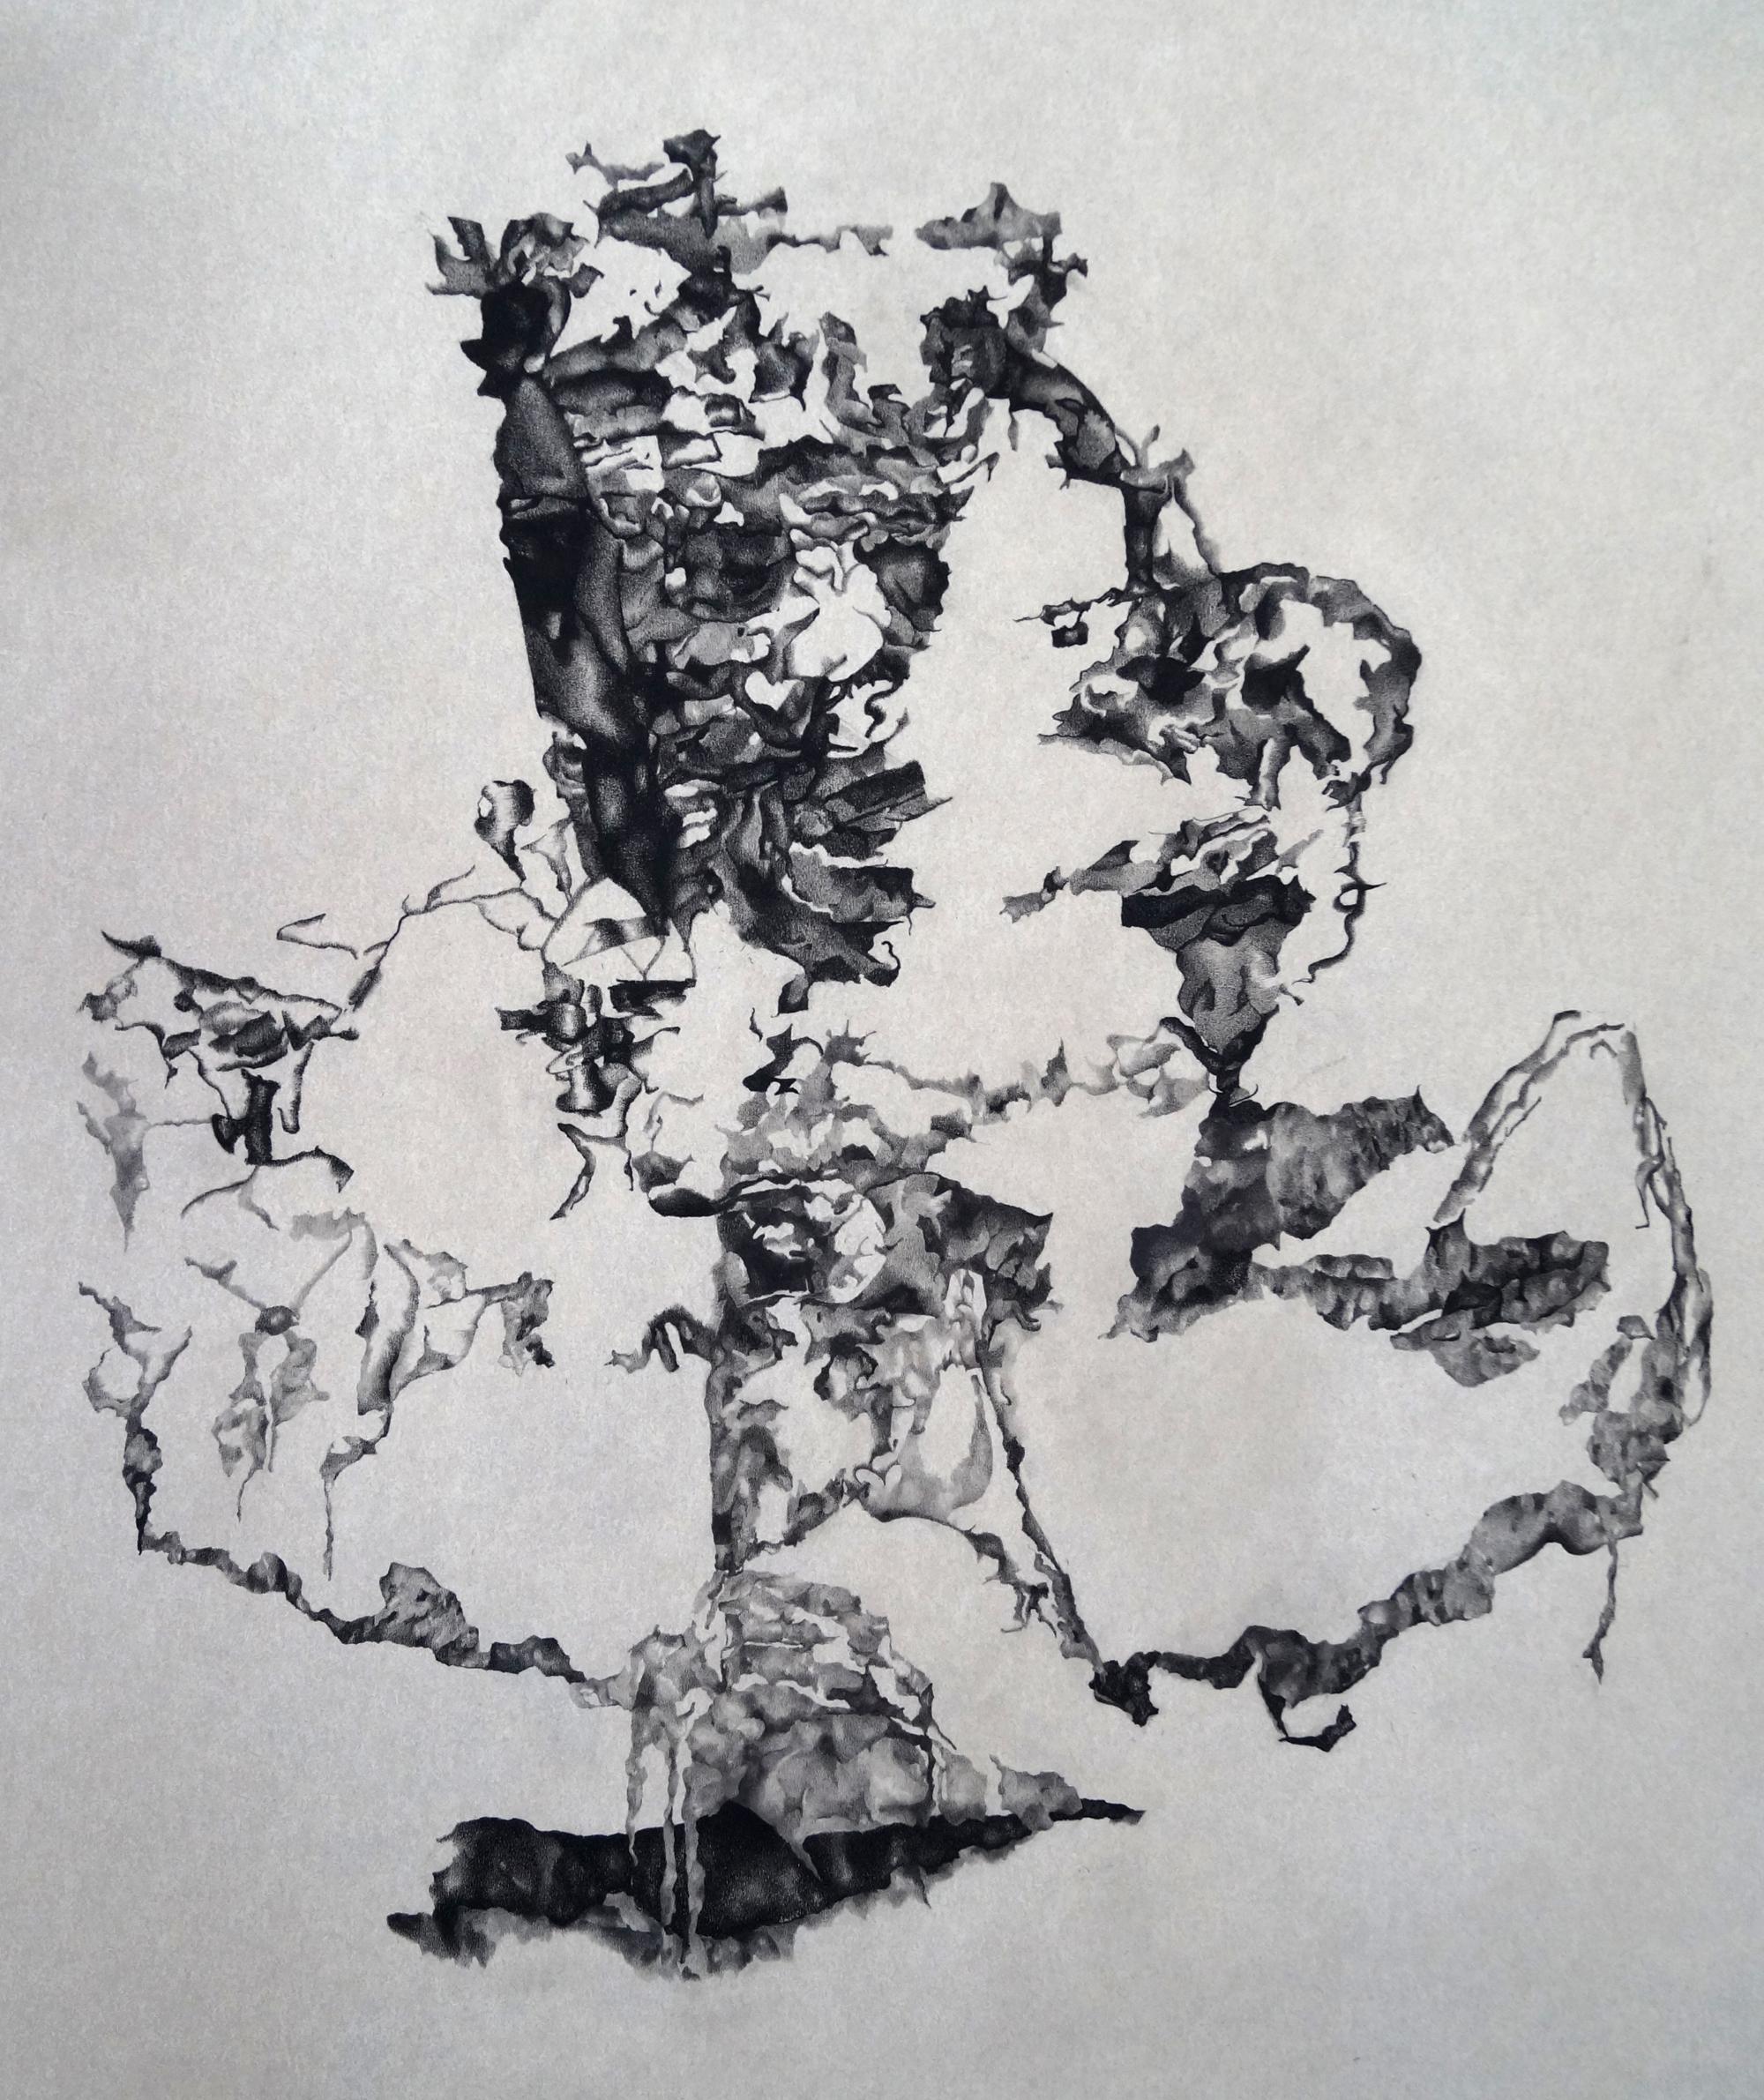 La oscuridad del artista